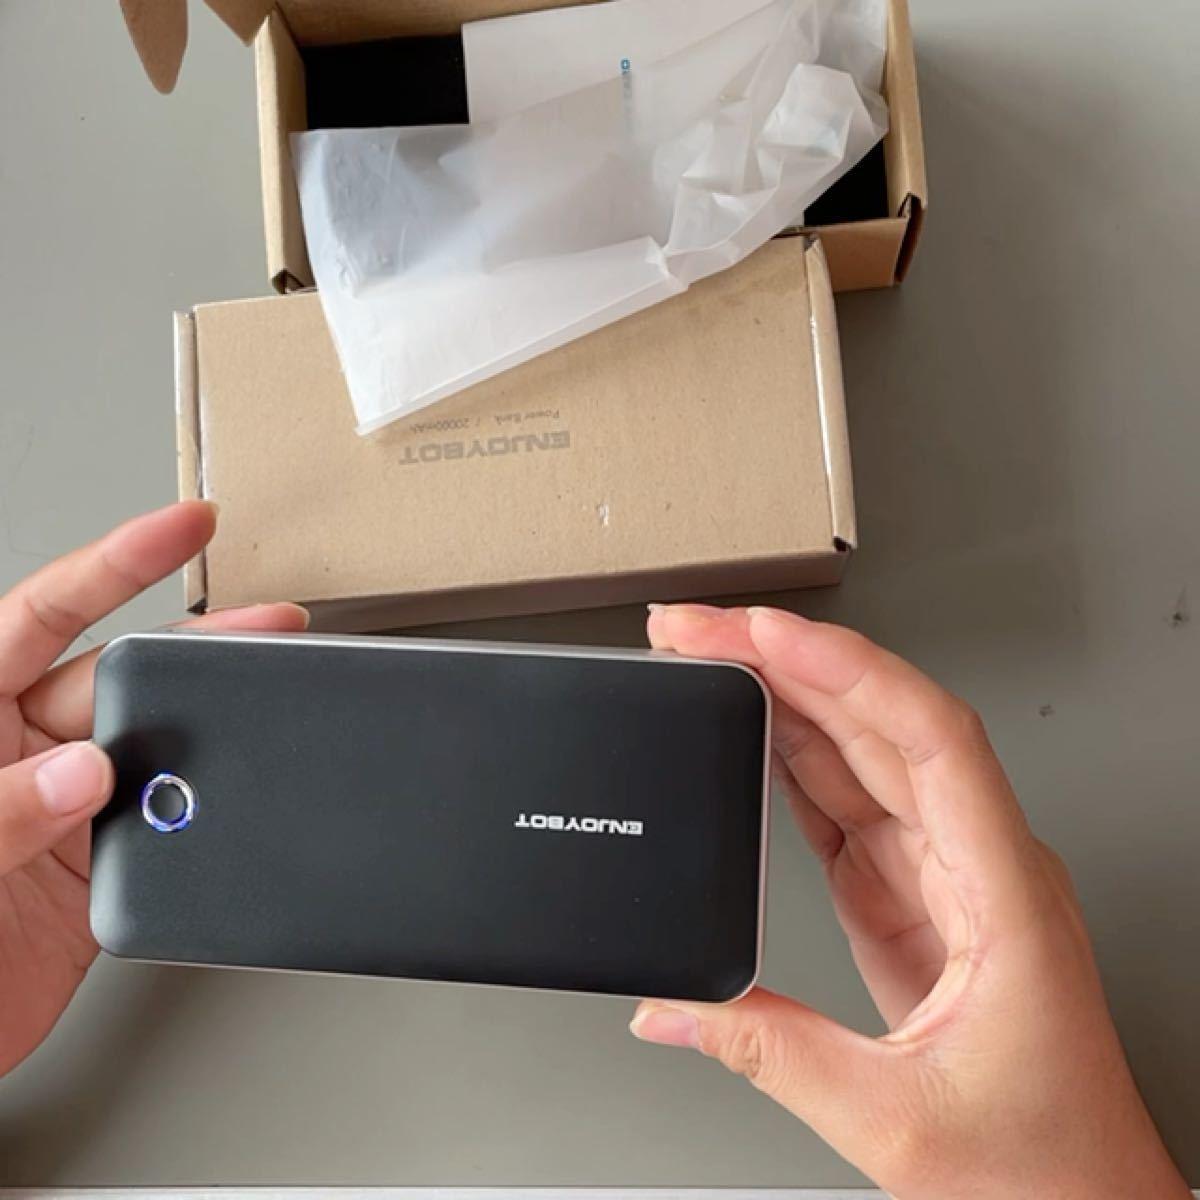 モバイルバッテリー 20000mAh 大容量 3USB出力ポート 携帯充電器 ポータブル充電器 スマホ充電器 3台同時充電可能